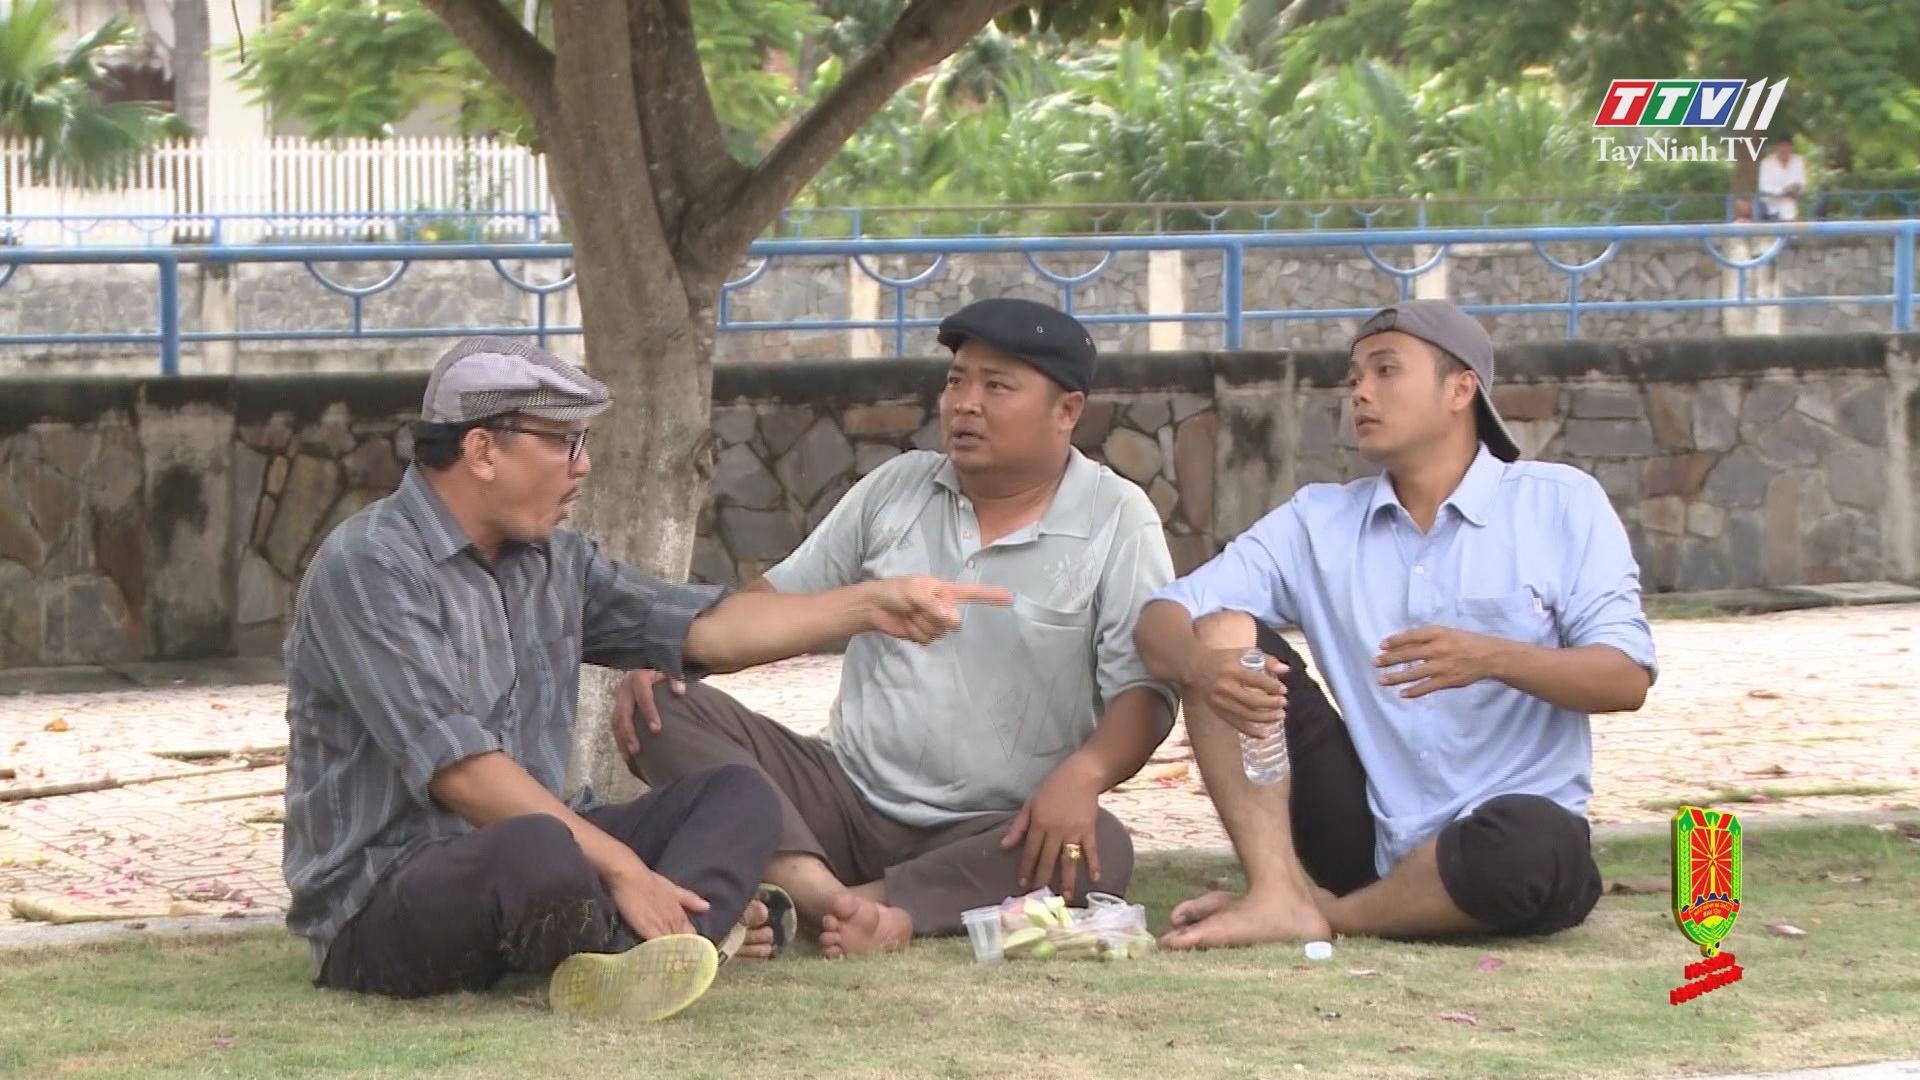 Hát thề bỏ rượu | VĂN HÓA GIAO THÔNG | TayNinhTV